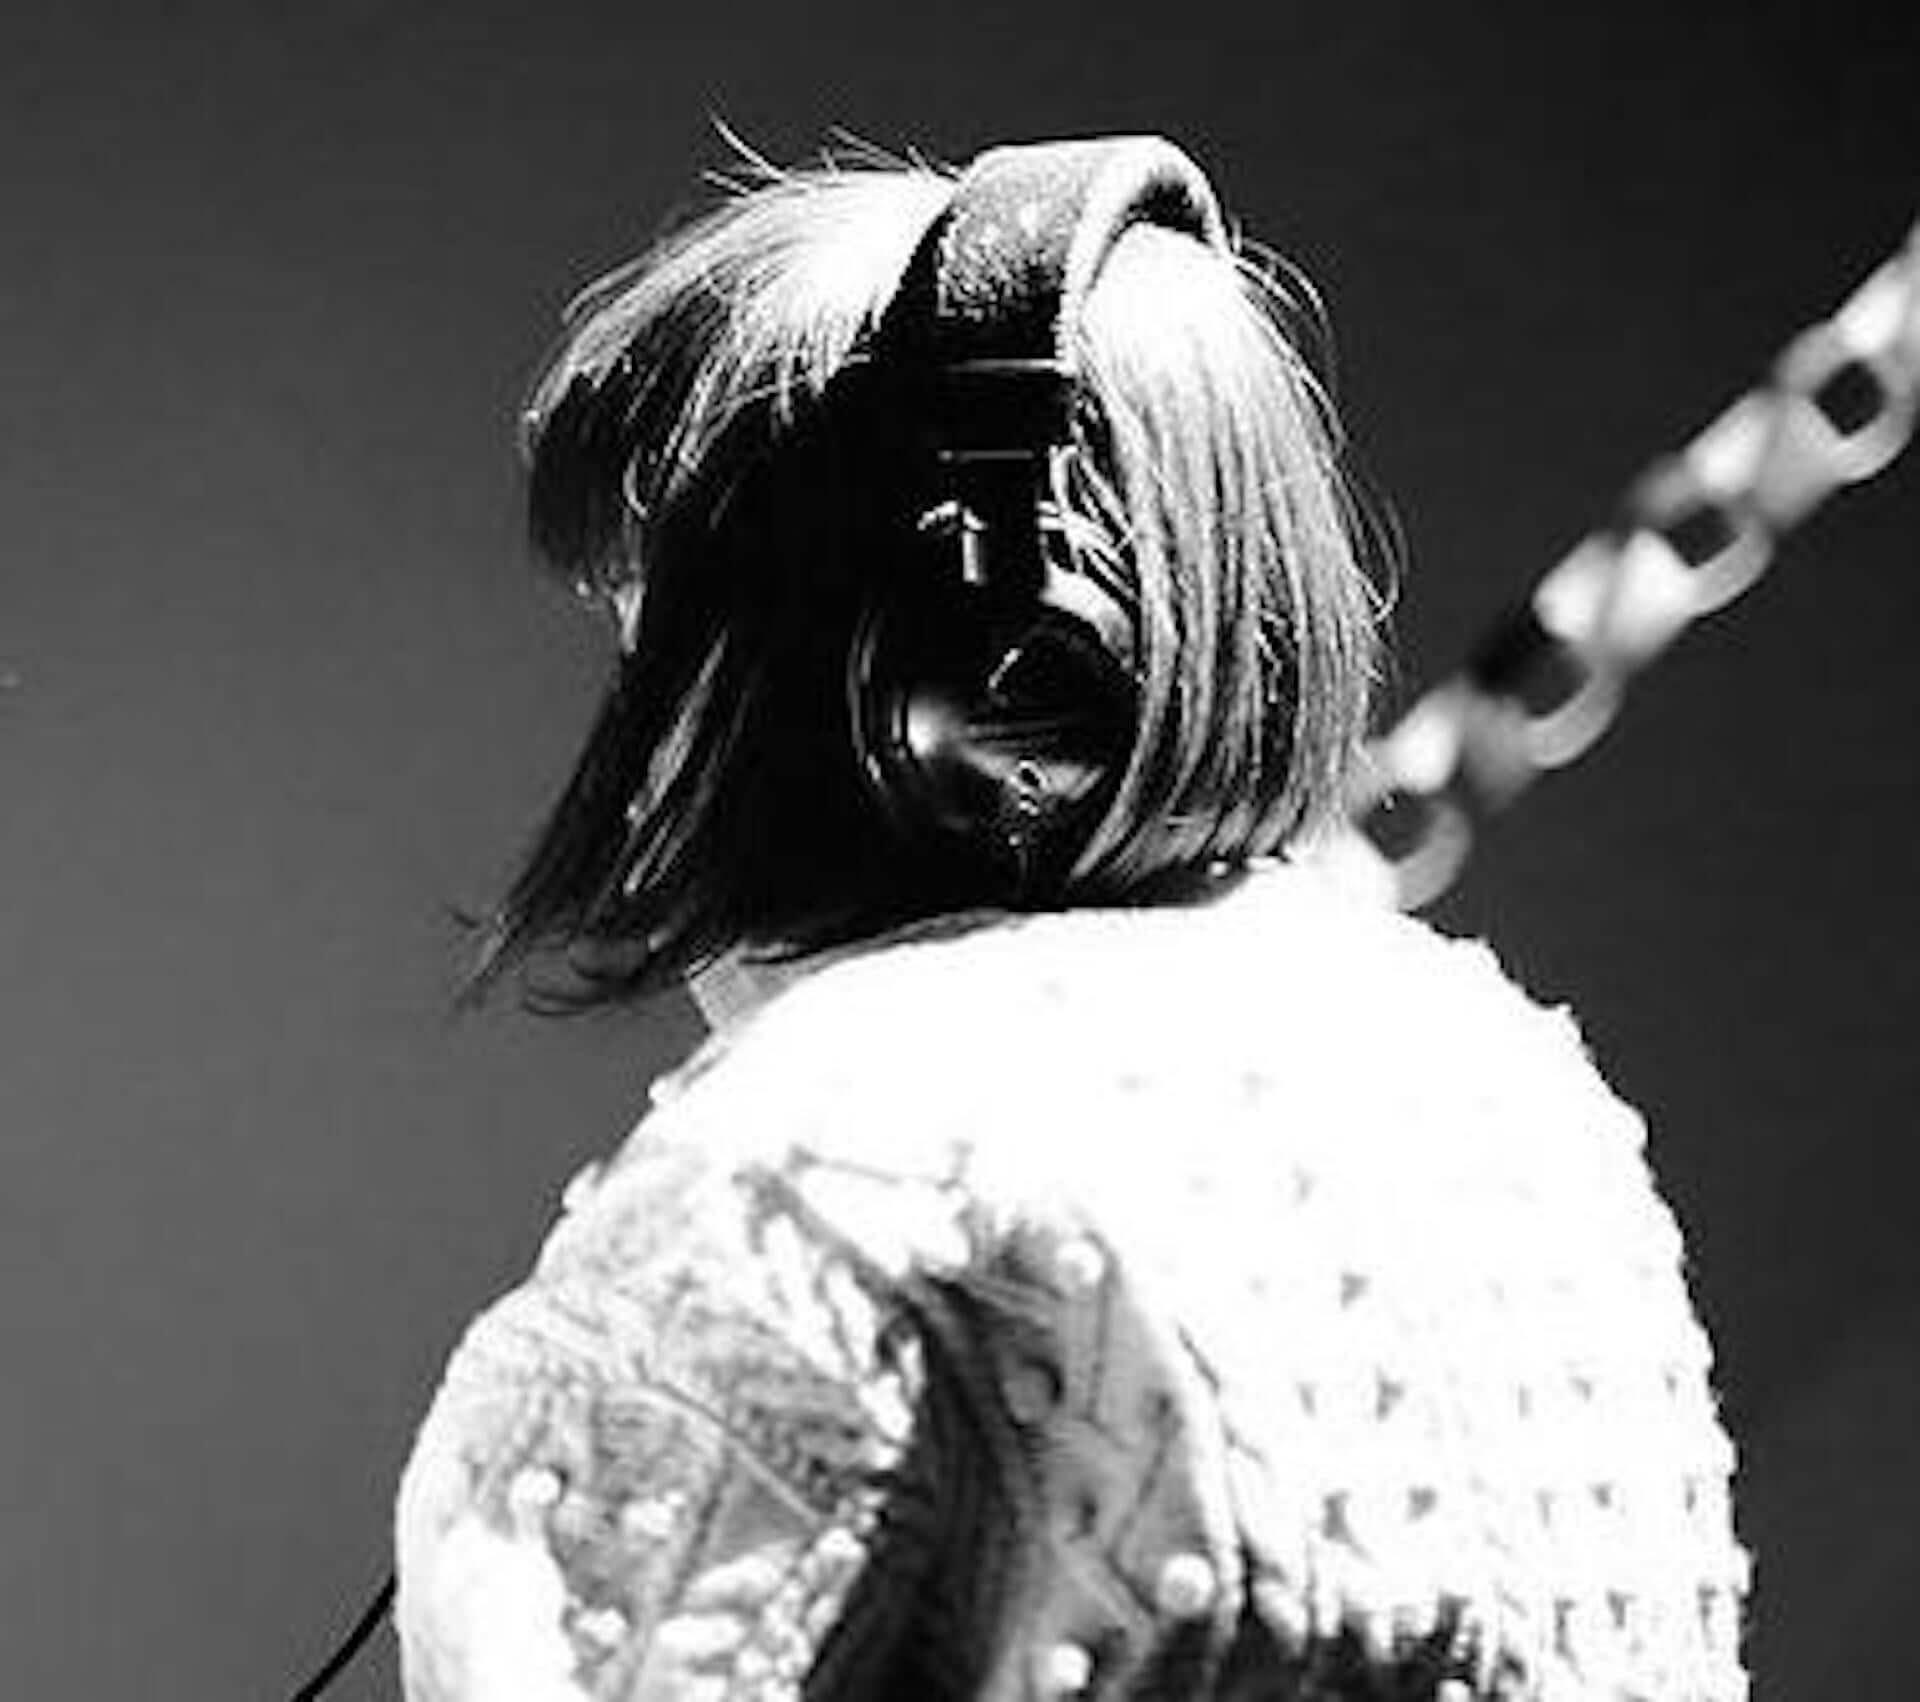 岡村詩野の<音楽ライター講座>10月期最終回に柴崎祐二が登壇決定!2020年の音楽シーンをトークで振り返る art201125_shino_okamura_3-1920x1702